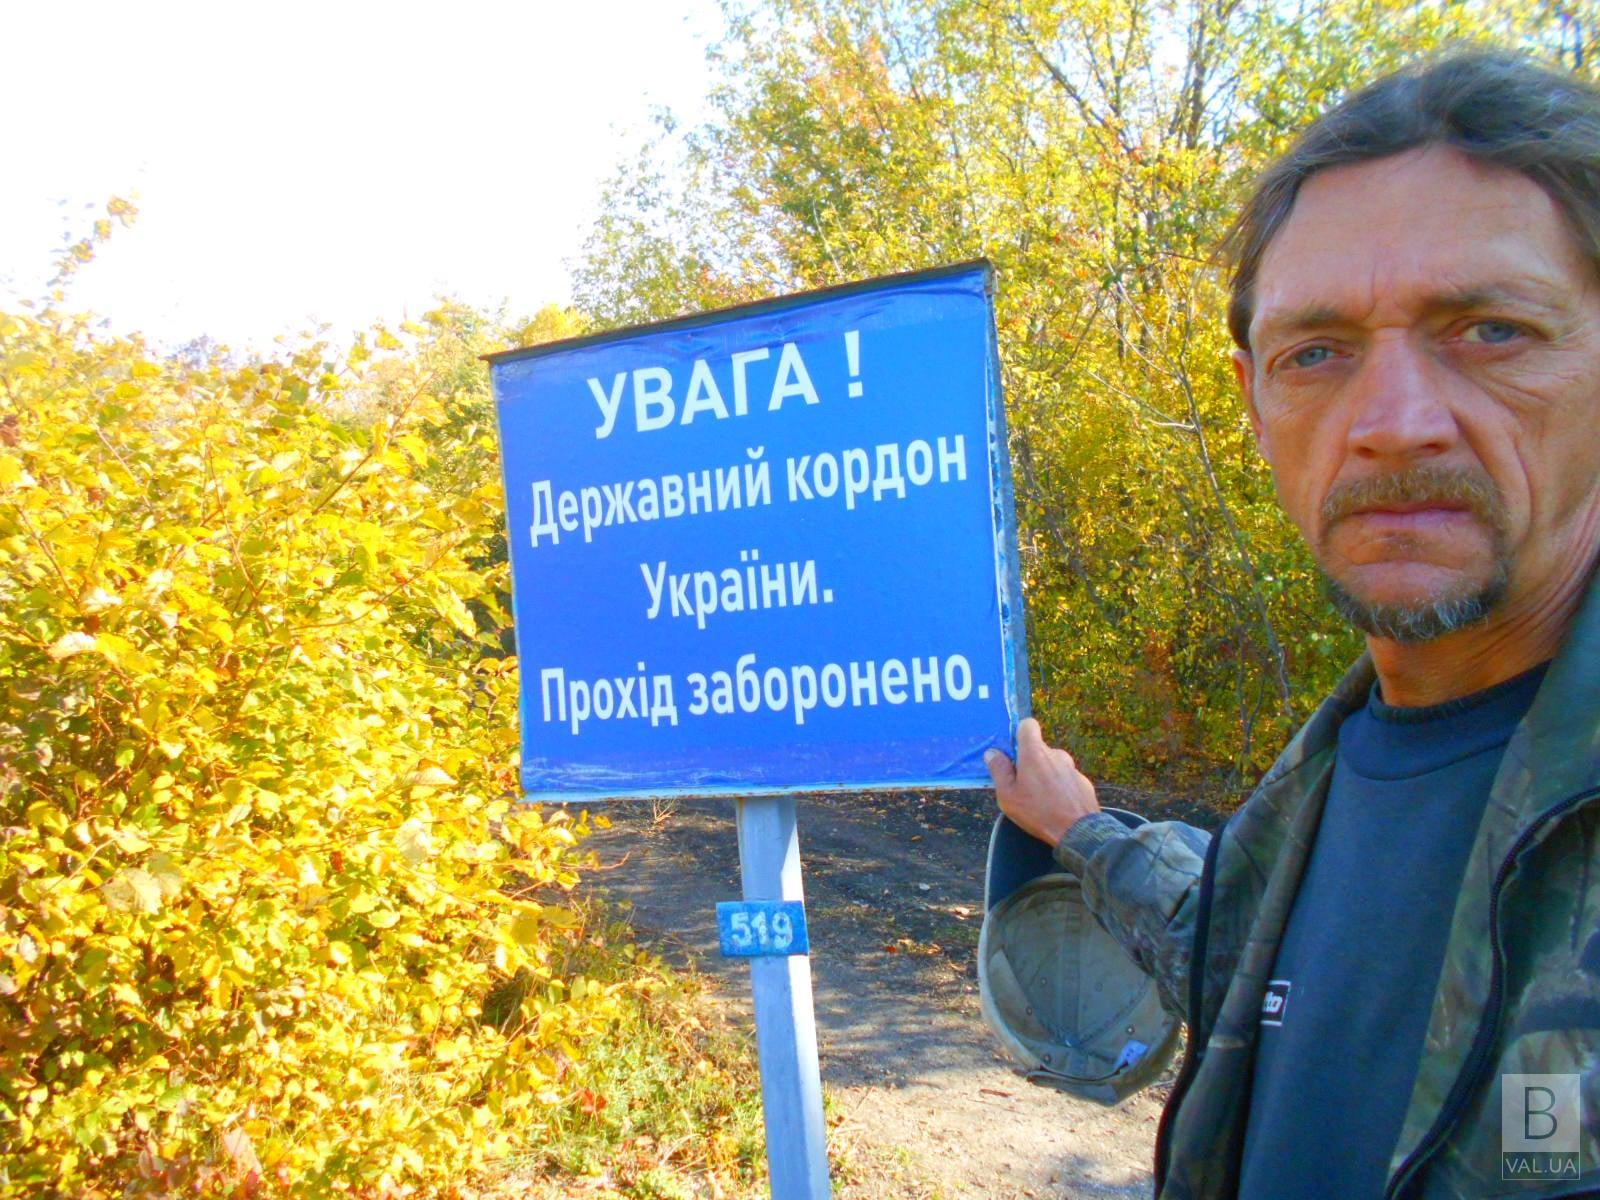 Подолав 1801 км за 50 днів: чернігівський мандрівник Волощук повертається з подорожі Україною